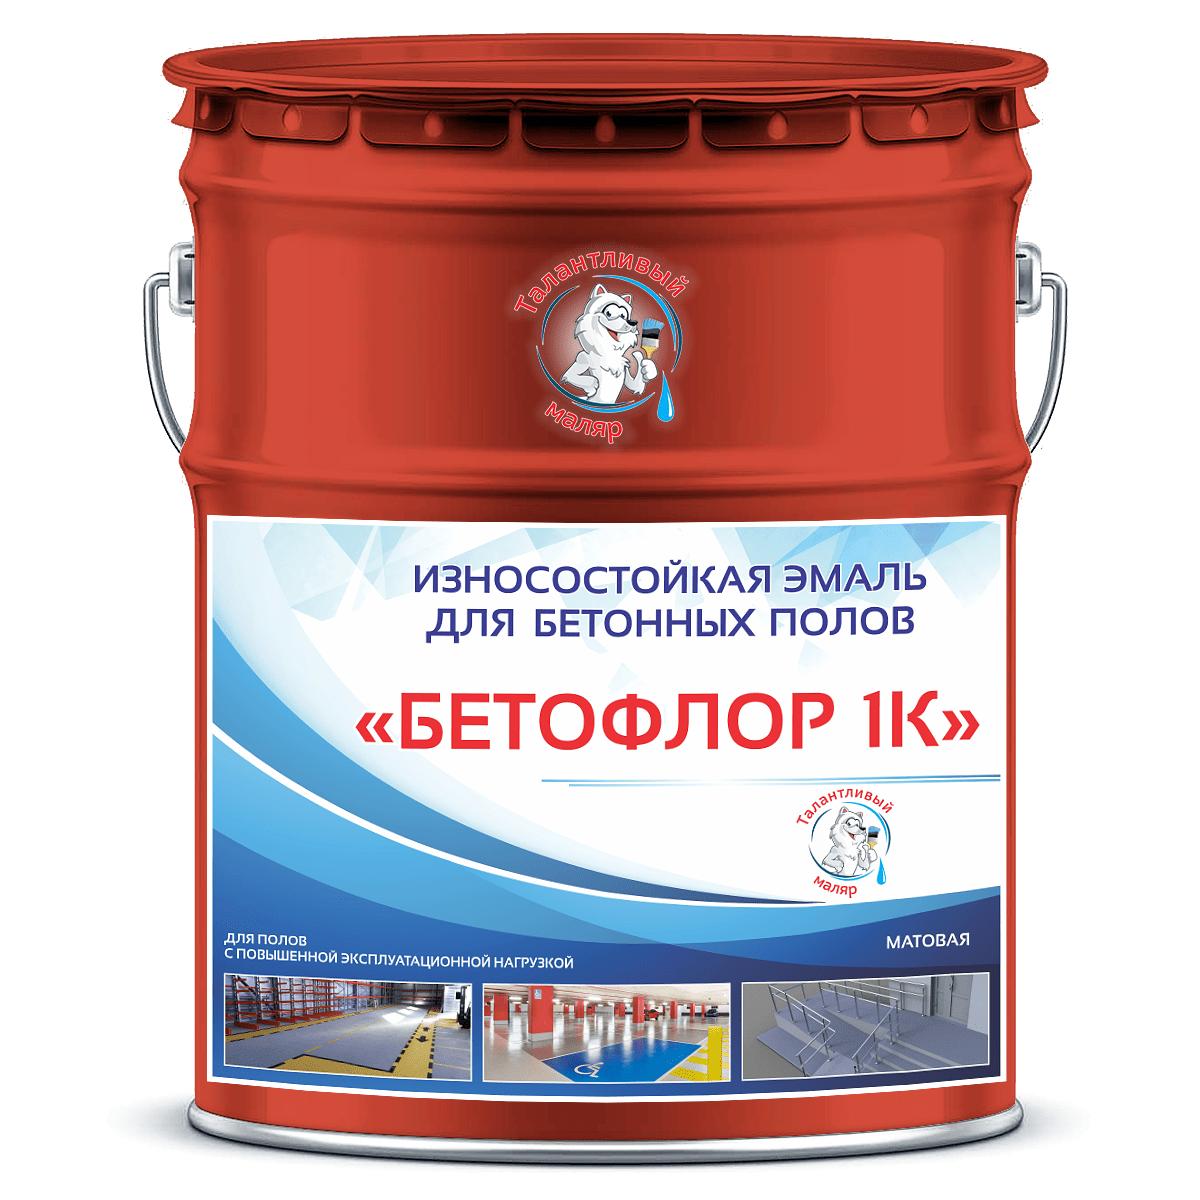 """Фото 1 - BF3000 Эмаль для бетонных полов """"Бетофлор"""" 1К цвет RAL 3000 Огненно-красный, матовая износостойкая, 25 кг """"Талантливый Маляр""""."""